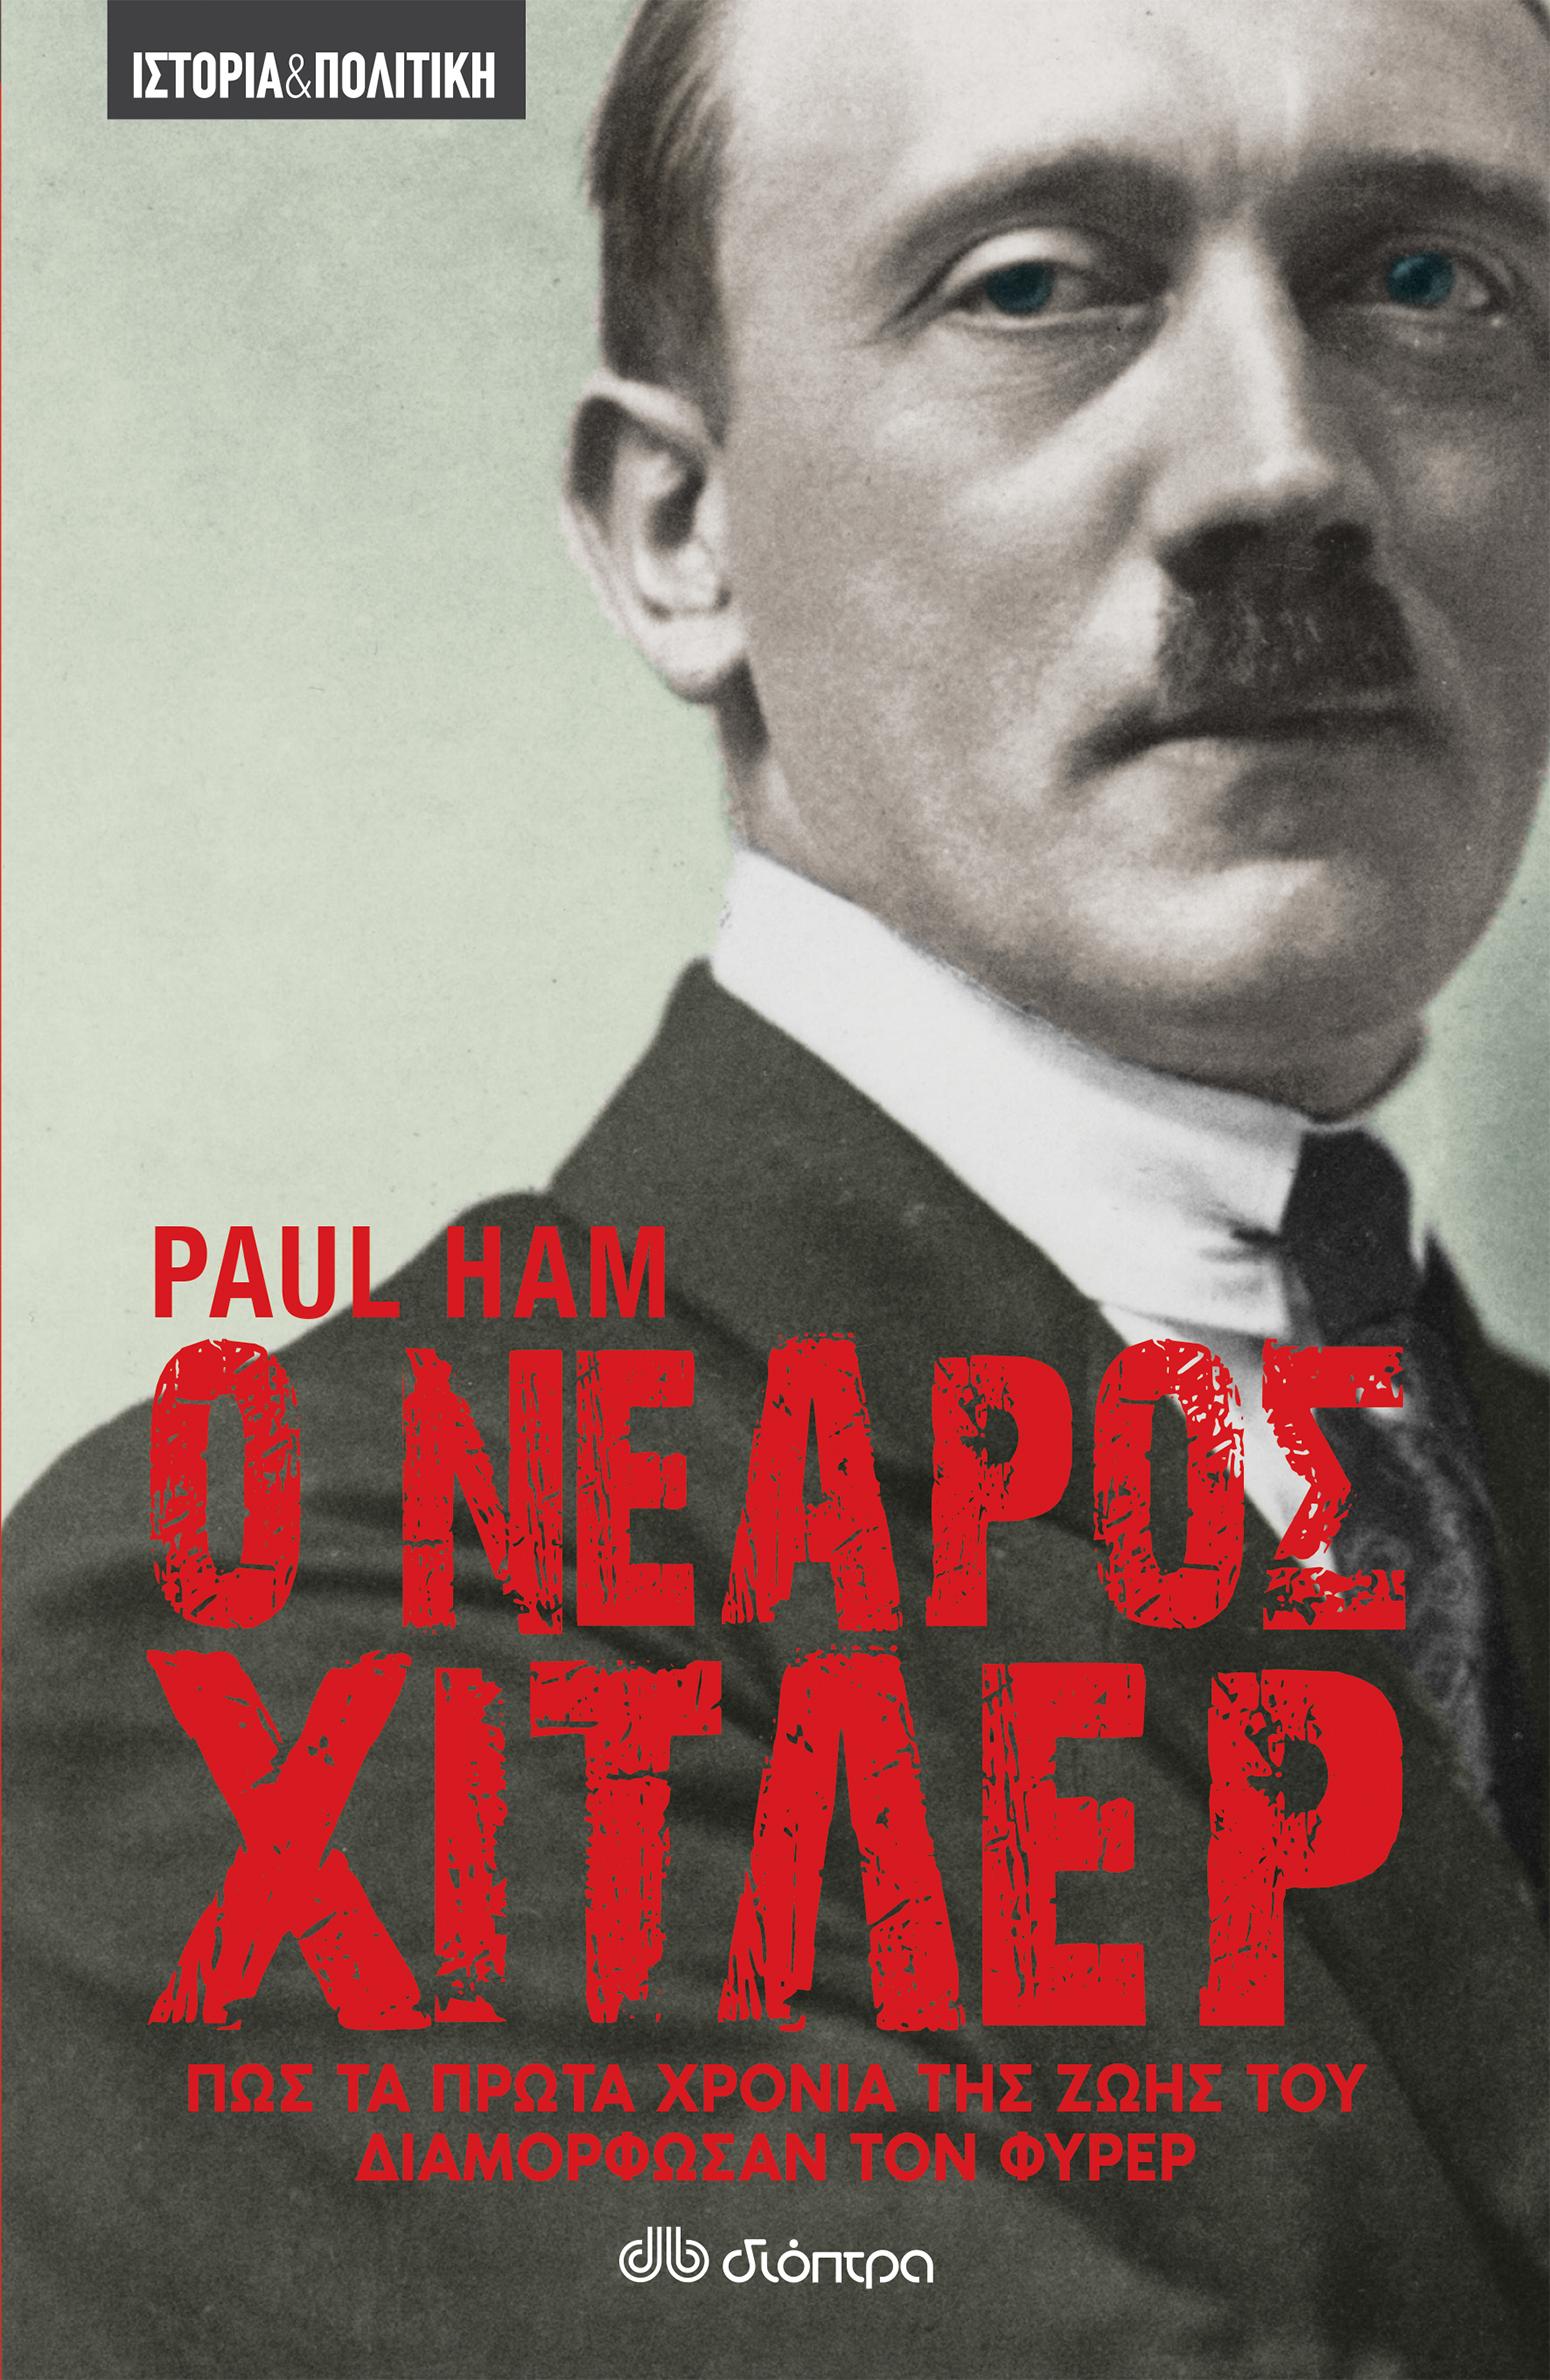 Ο νεαρός Χίτλερ - Πώς τα πρώτα χρόνια της ζωής του διαμόρφωσαν τον Φύρερ